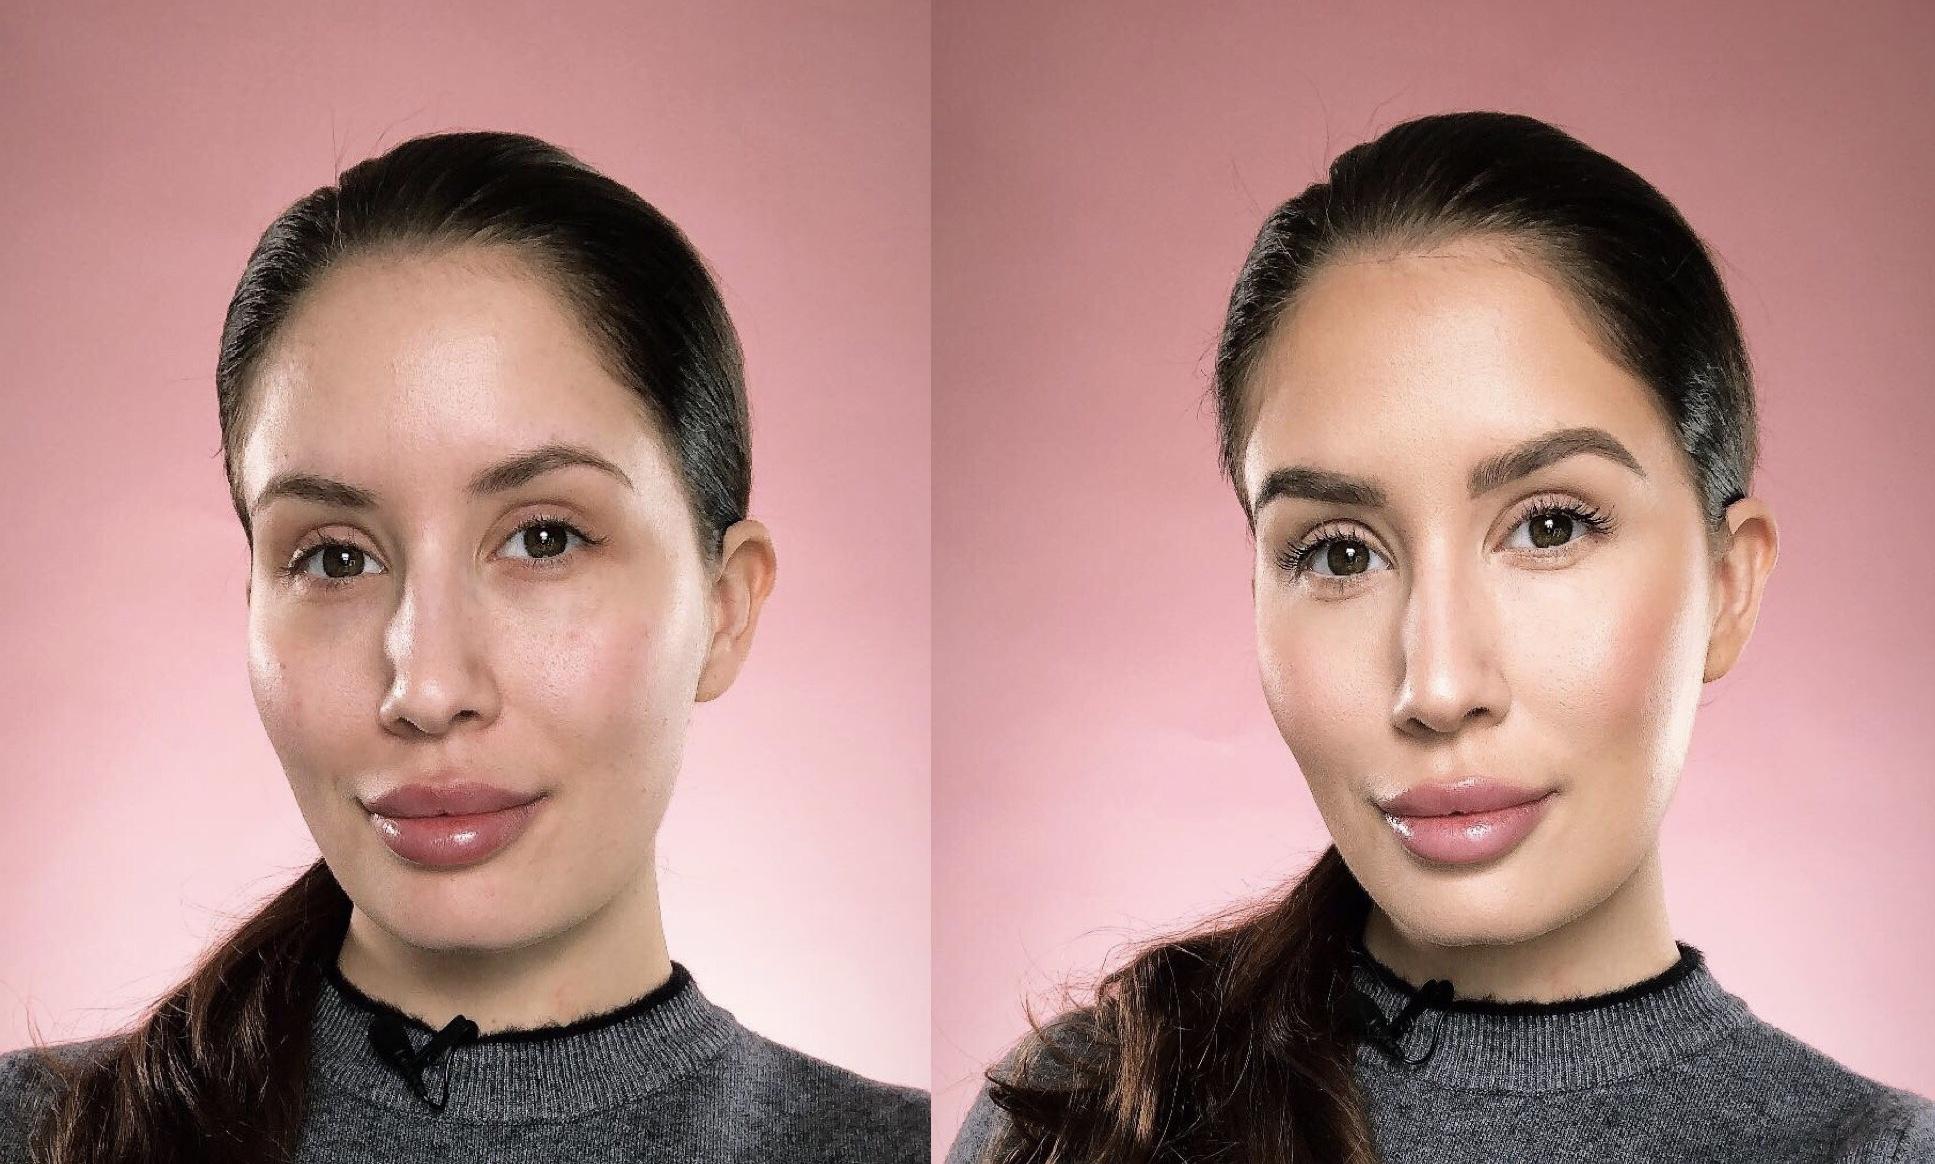 Ingen redigering og samme lys på begge bildene.